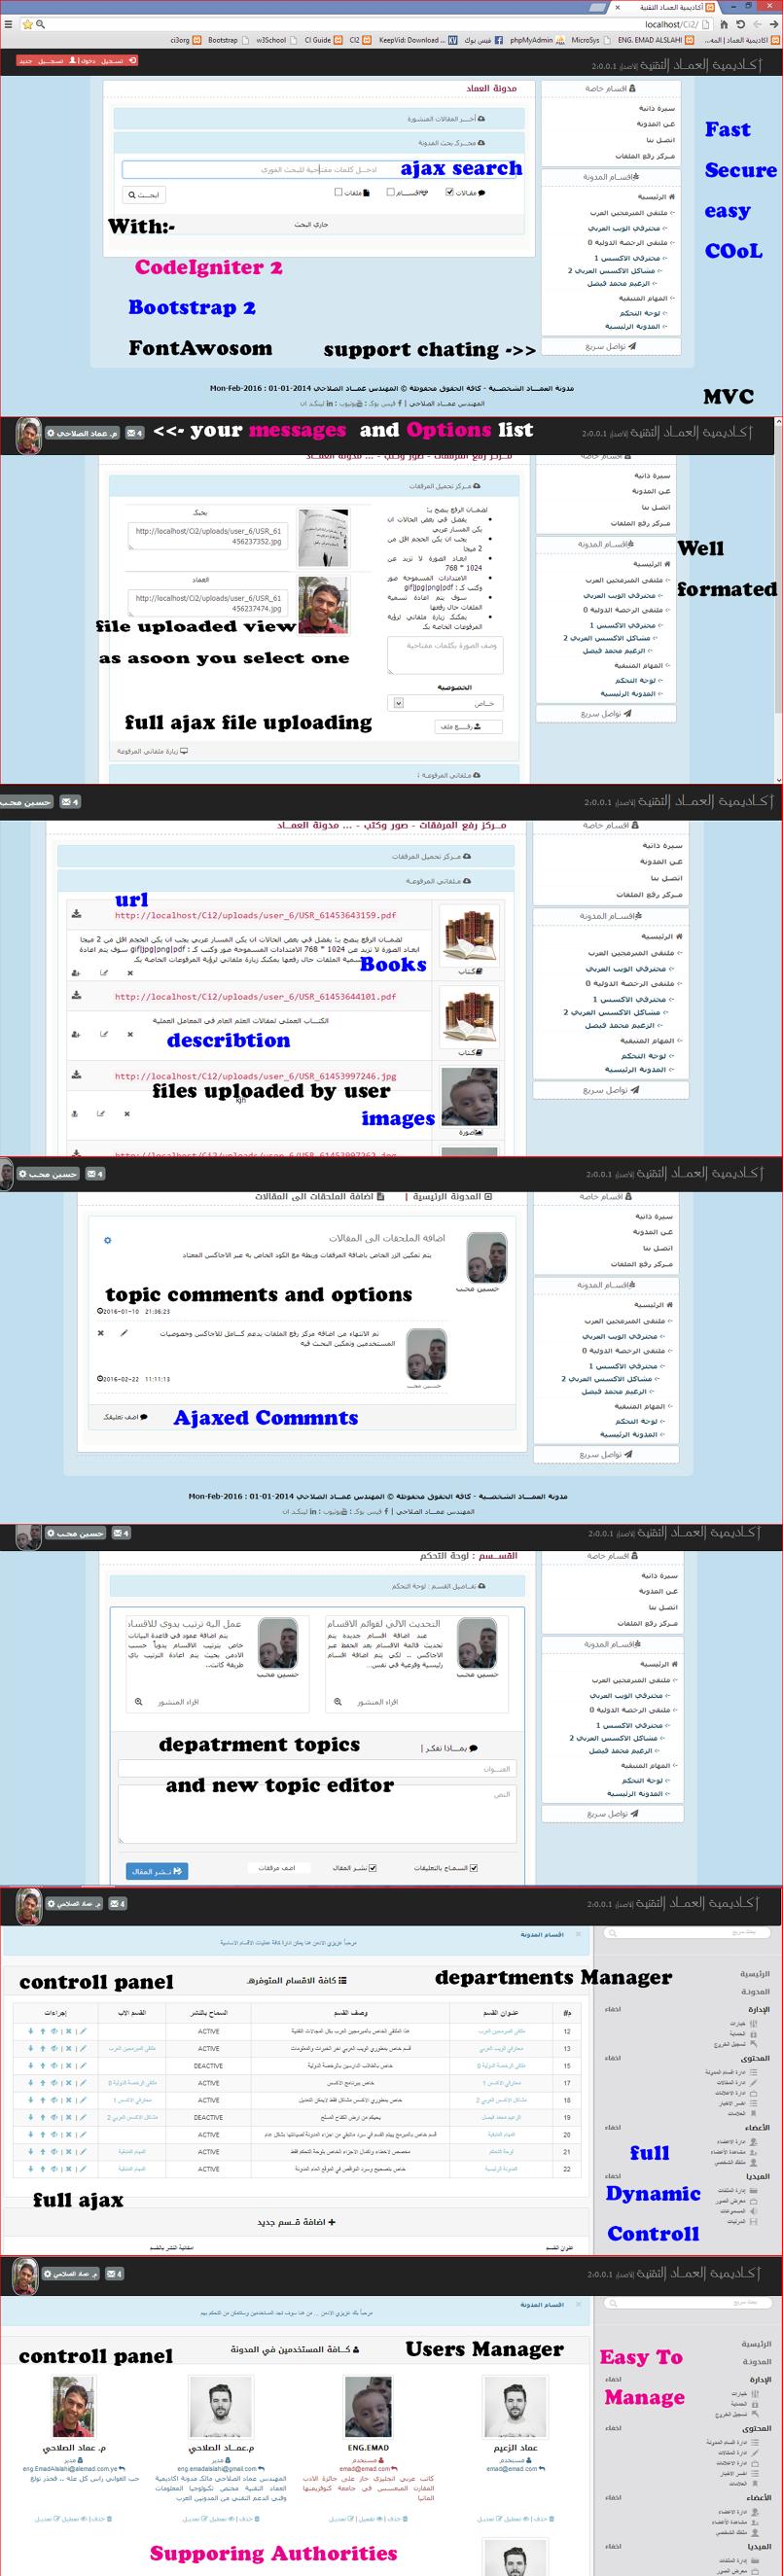 الموقع مع بعض الشروحات السريعه للمميزات